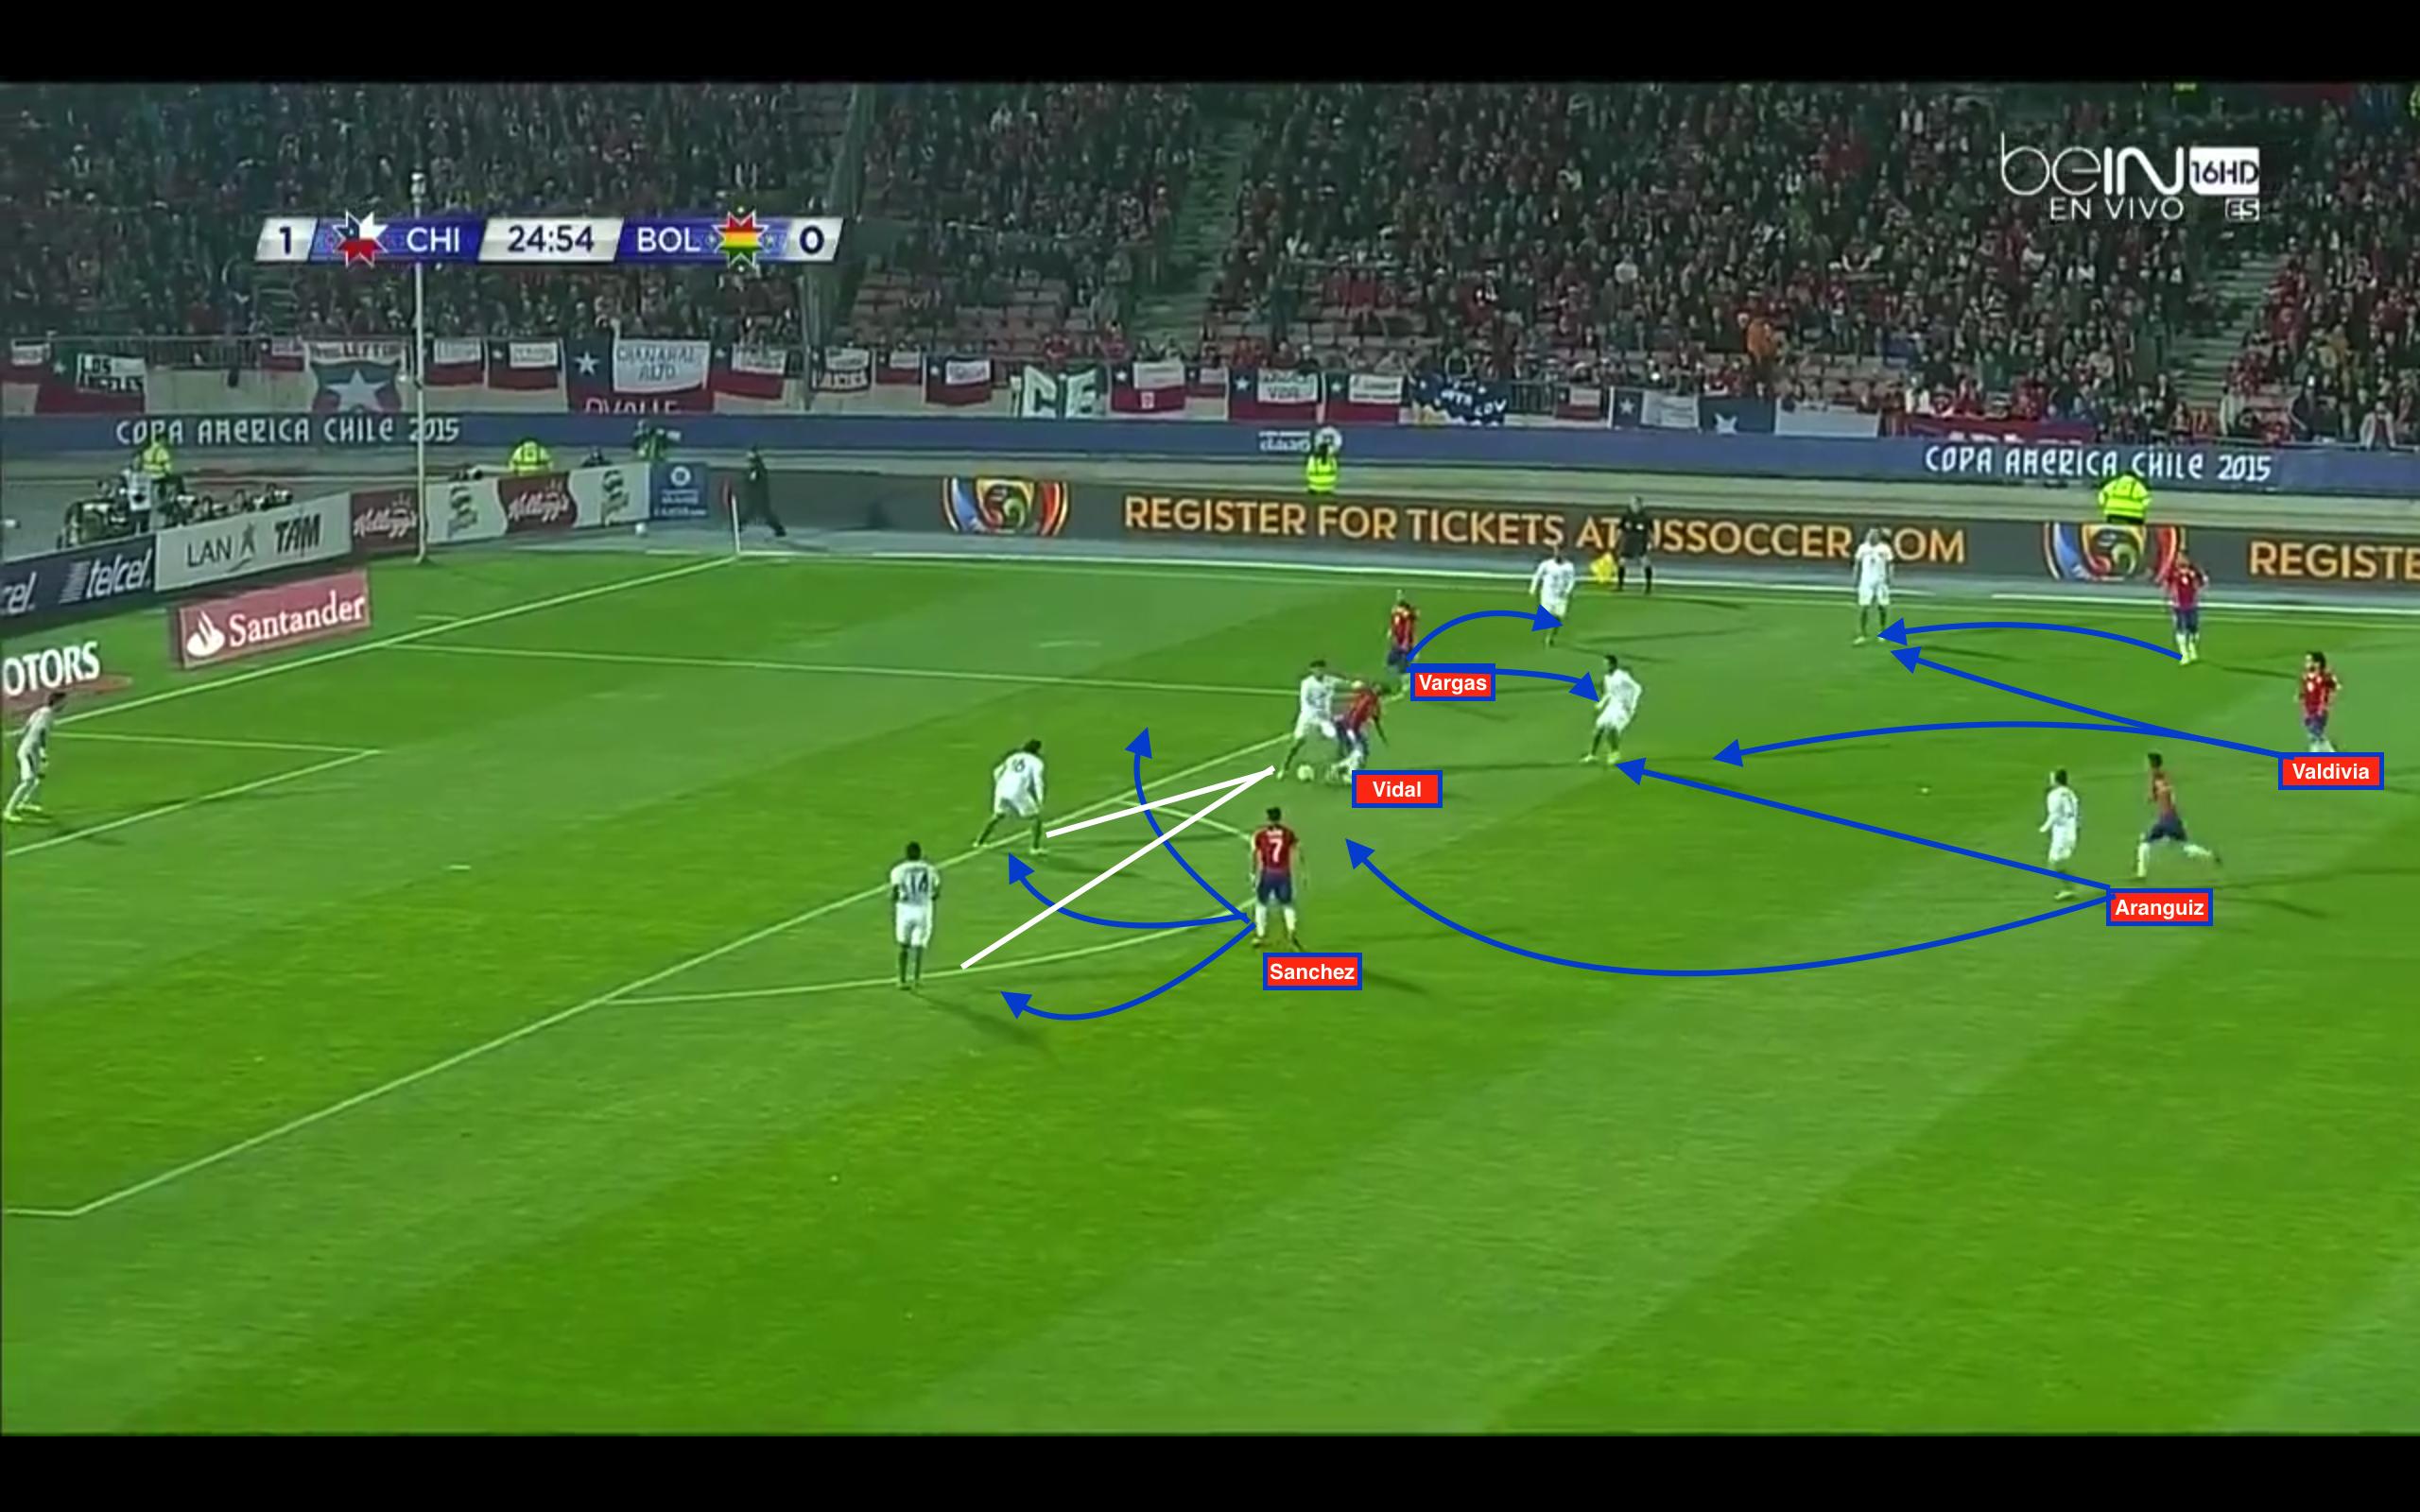 Gegenpressing von Chile. Es gibt eine hohe horizontale Linie von Spielern. Nach dem Ballverlust lenken die äußeren Spieler und der Ball wird meistens probiert in den offenen Raum zu lenken, der leicht zu pressen ist. In diesem Fall sammelt Aranguiz den Ball auf, der dem Innenverteidiger unsauber verspringt.